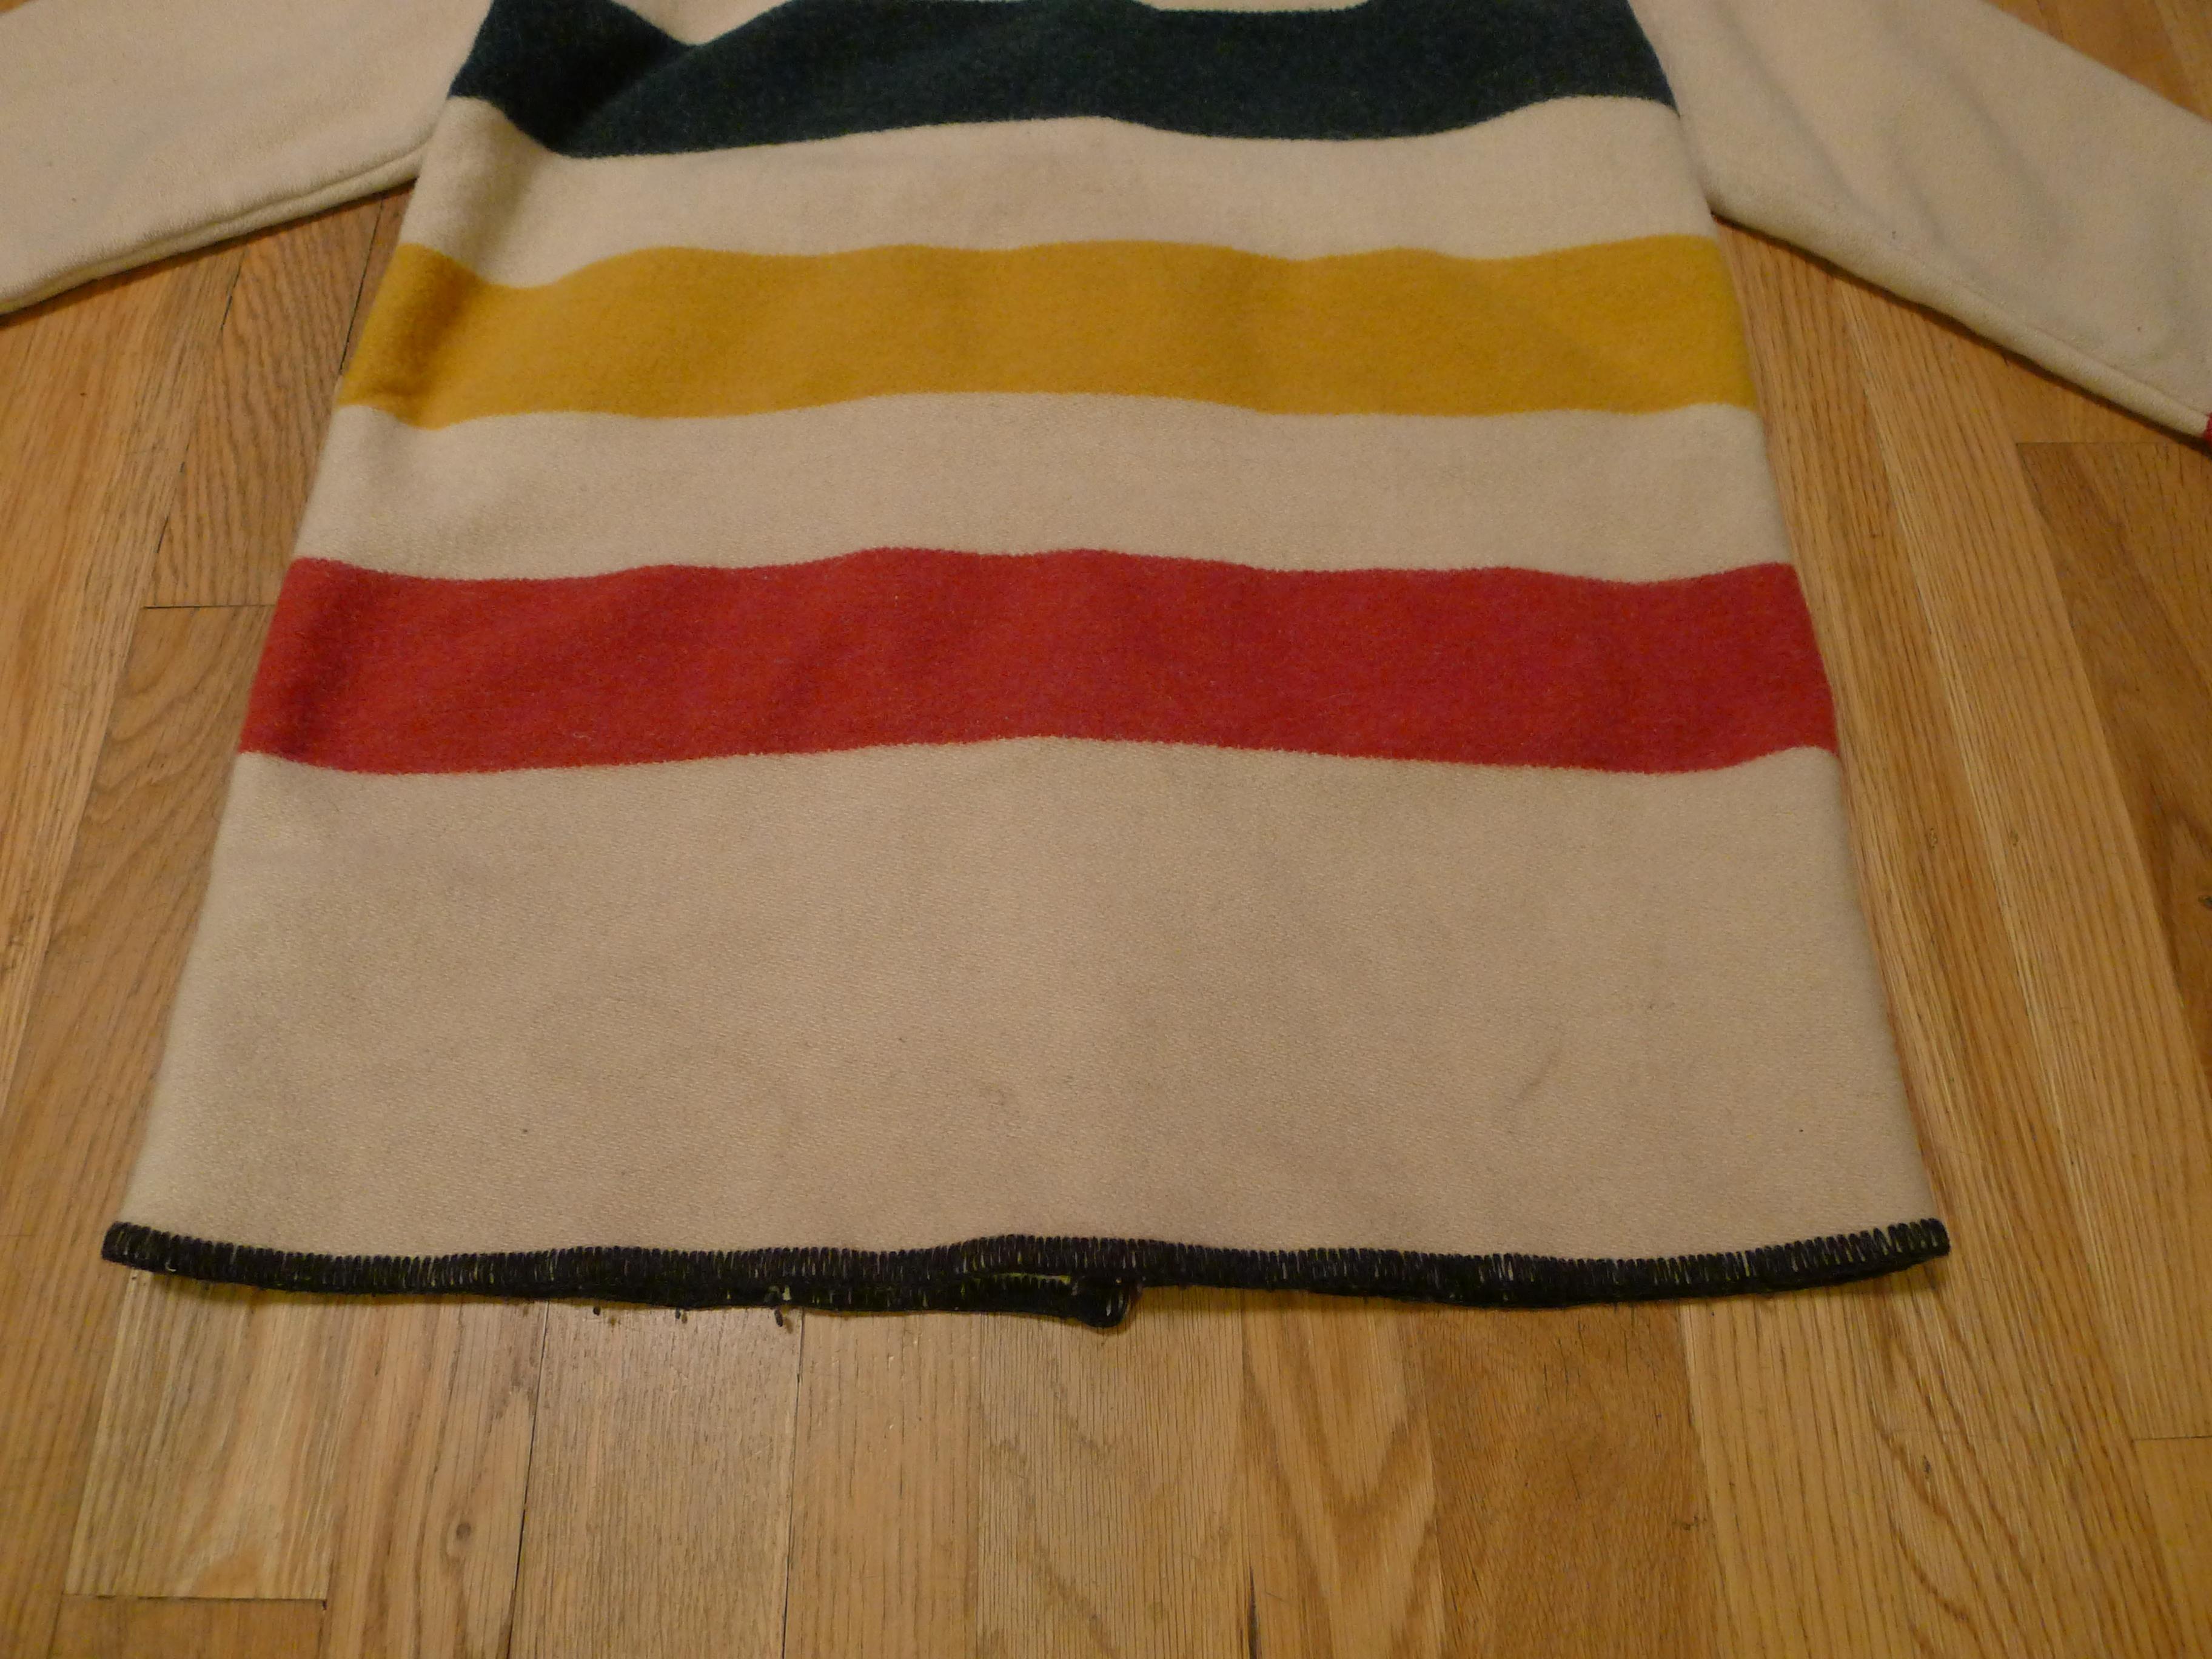 Woolrich Striped Hudson Bay Blanket Jacket Basecamp